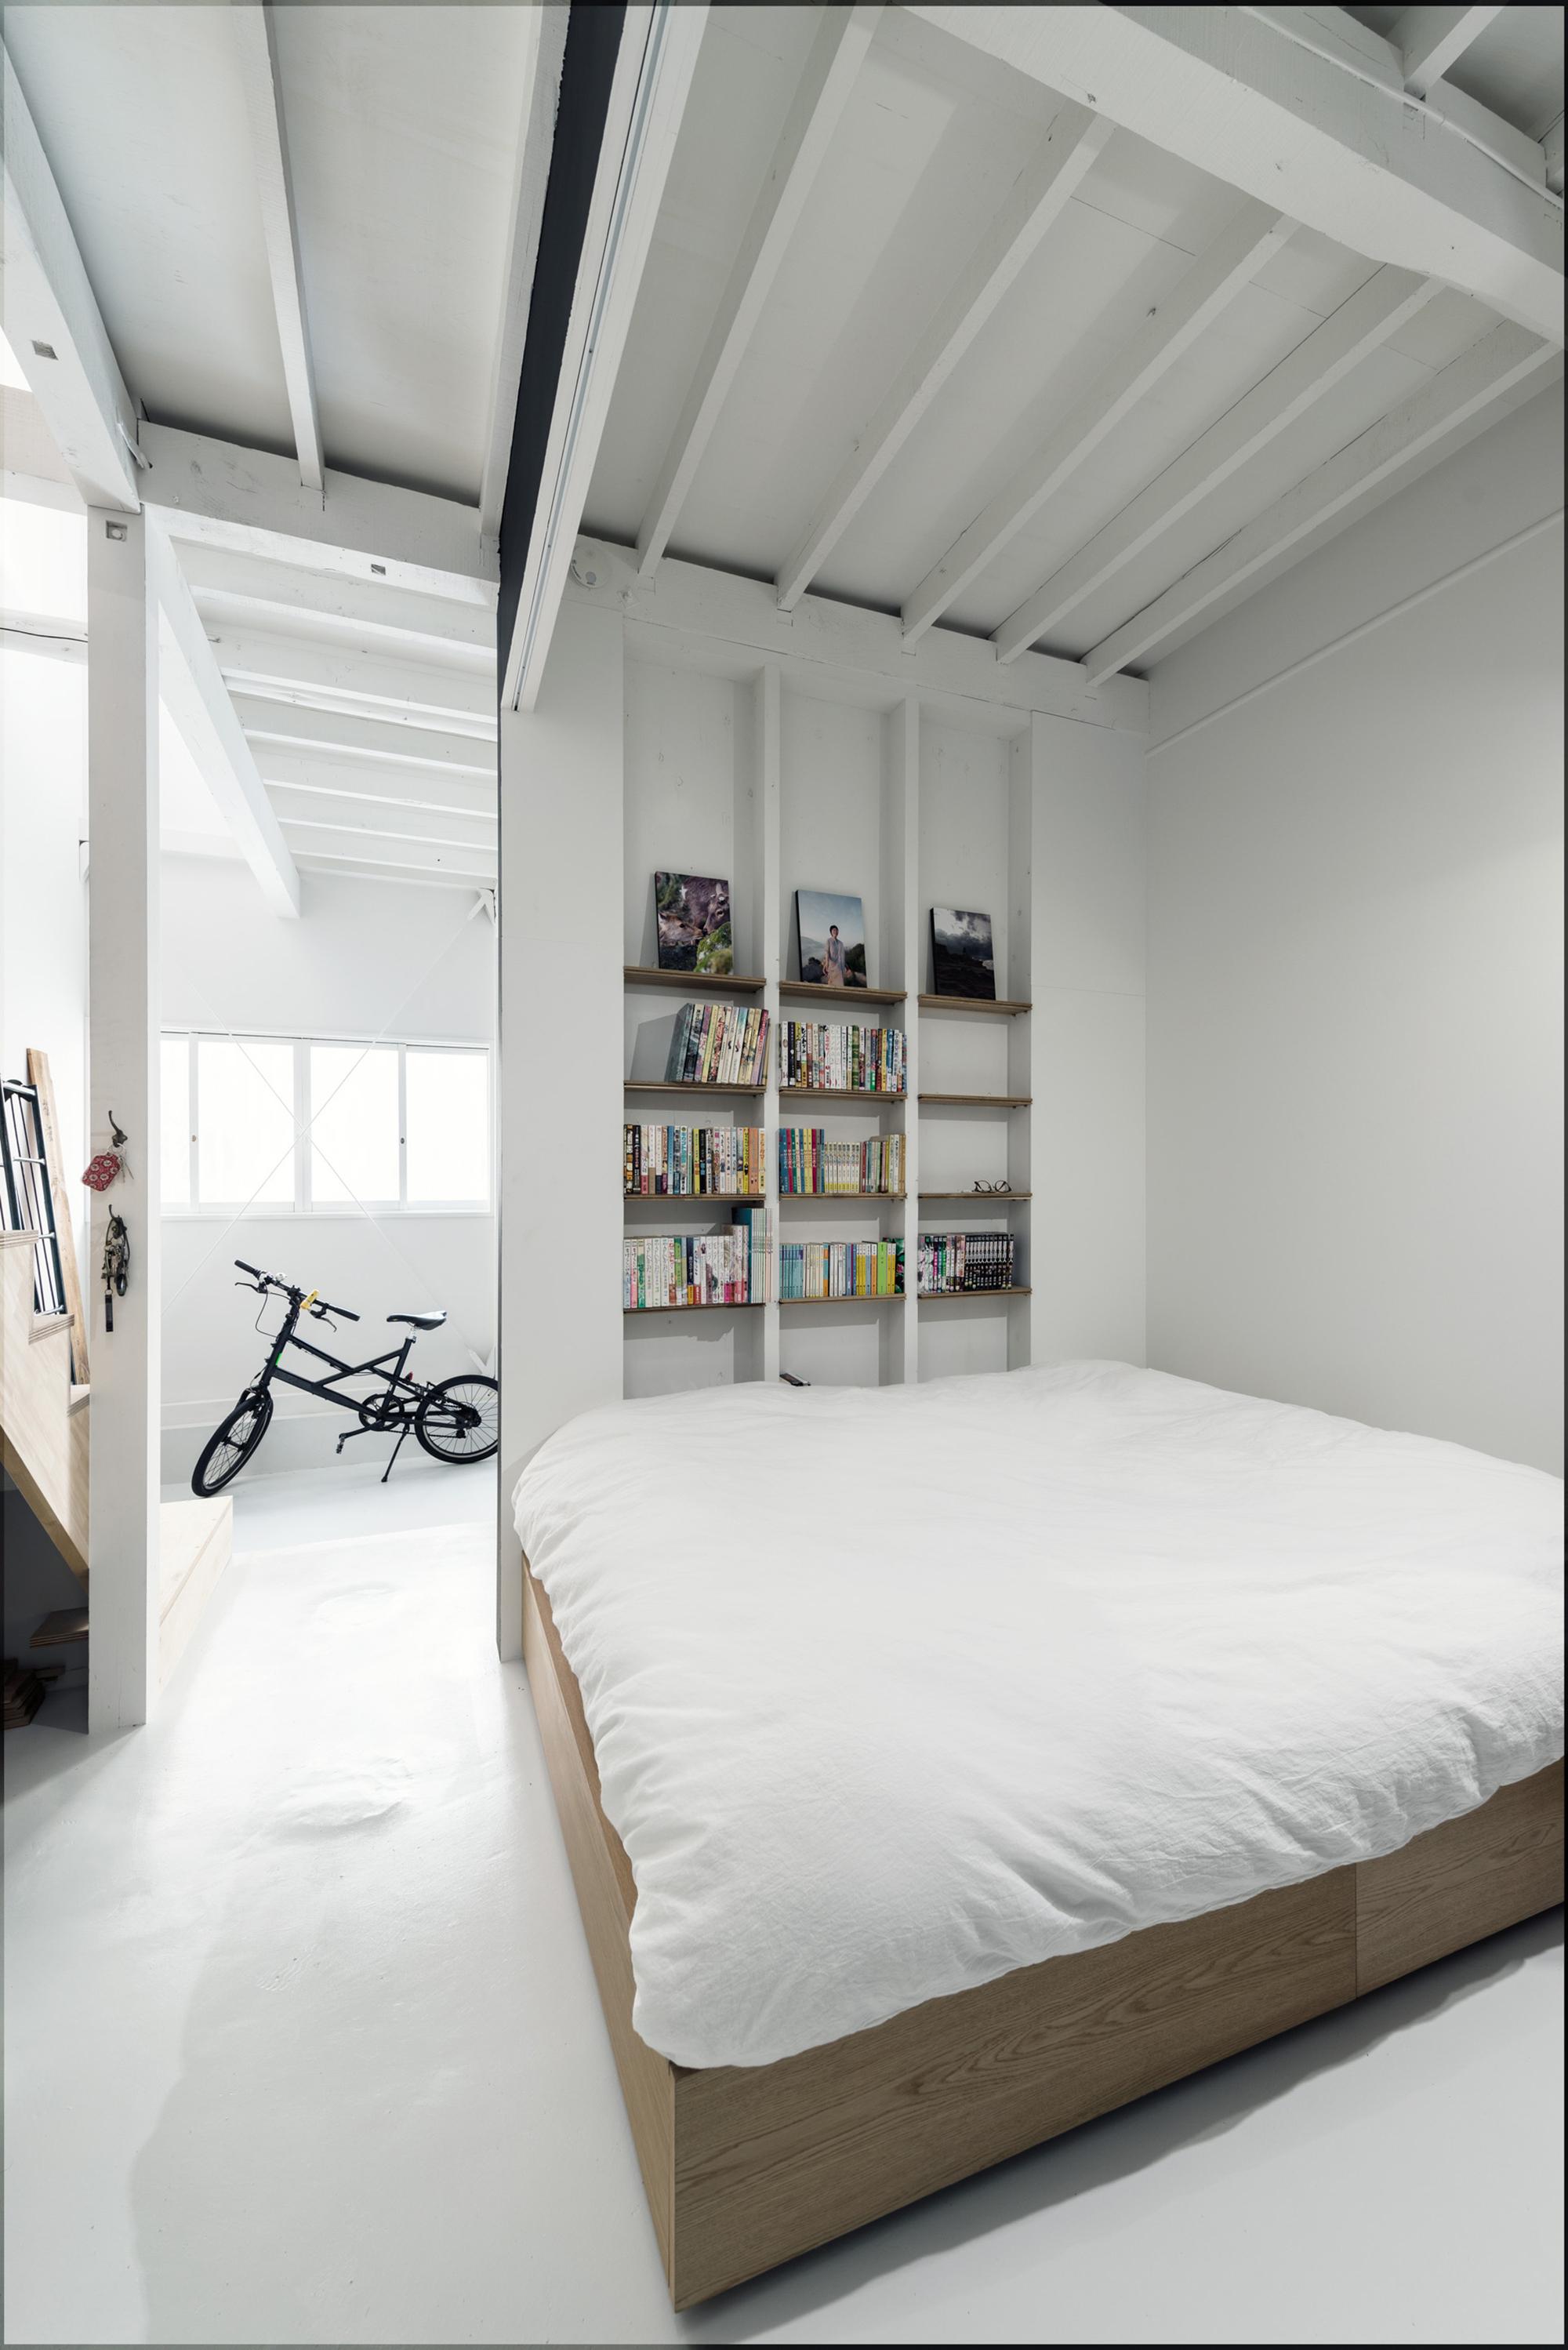 Come ristrutturare una casa di 33 metri quadrati come for Casa di 2000 metri quadrati